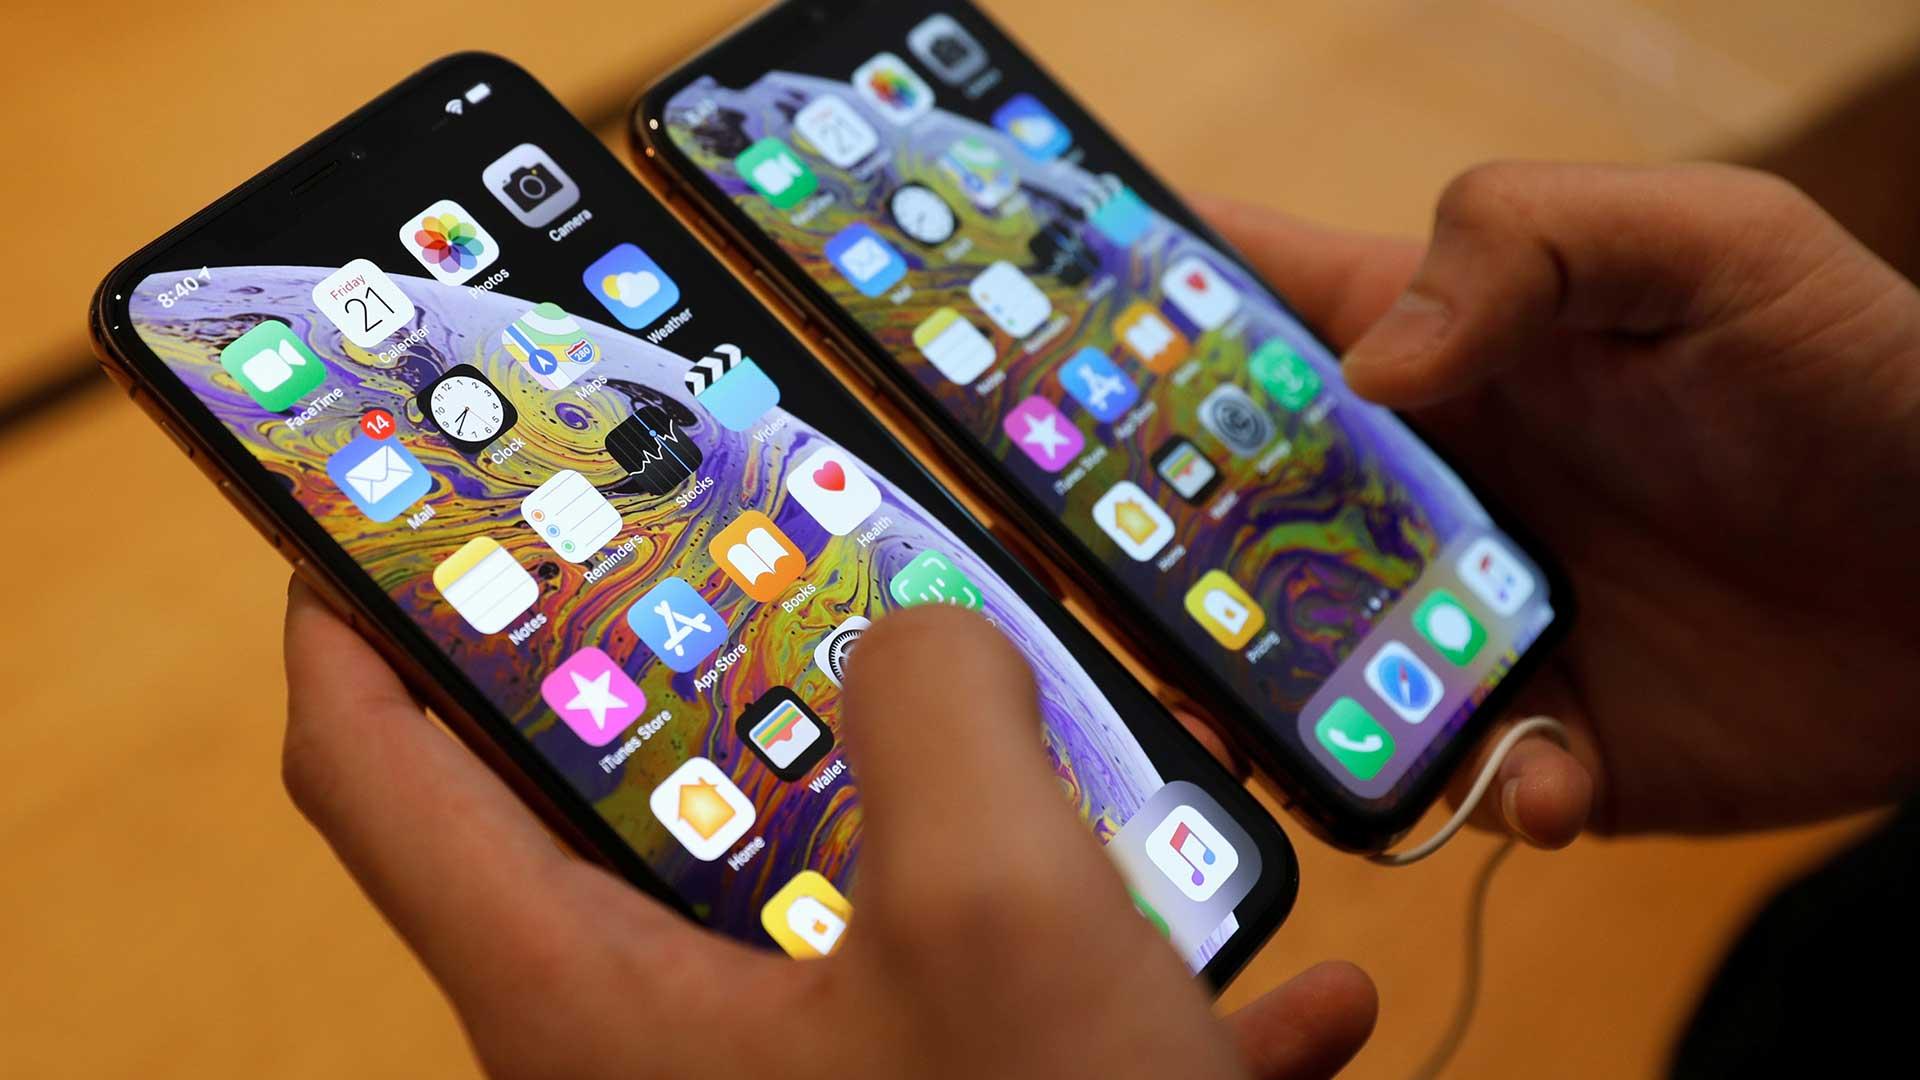 ¿LOS TELÉFONOS MÓVILES SON CADA VEZ MÁS POPULARES QUE LOS INODOROS?